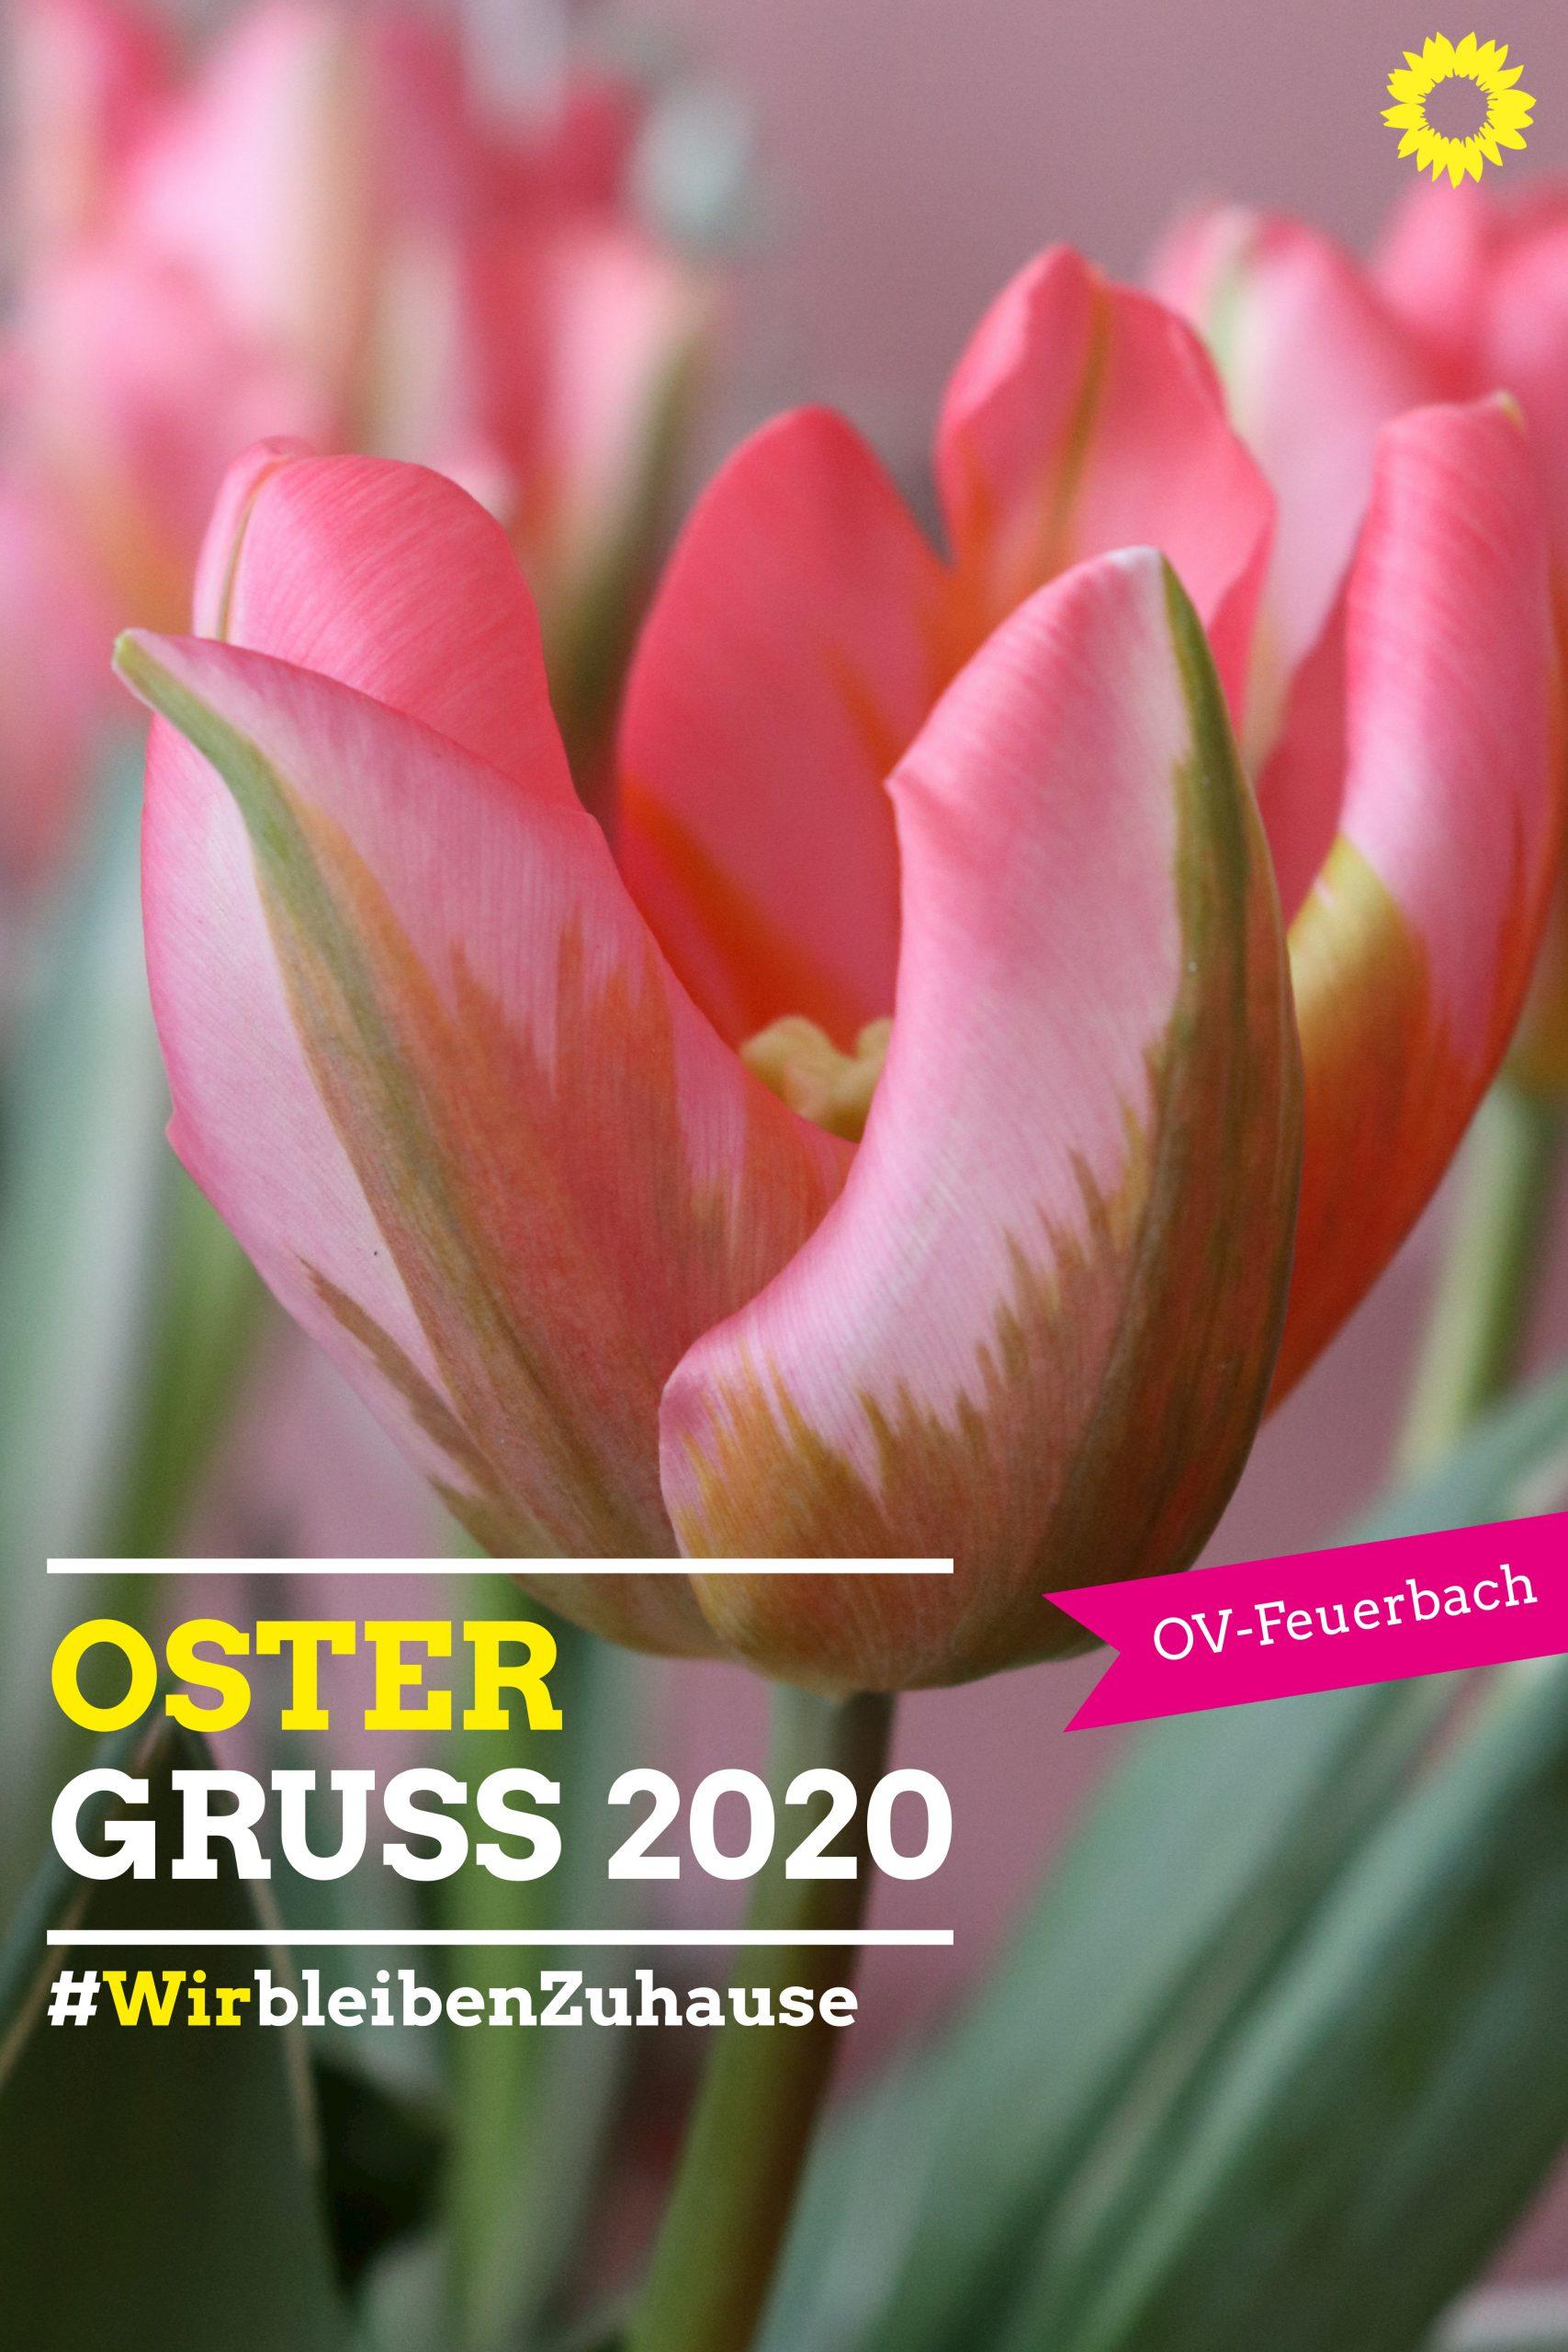 Oster Gruss 2020